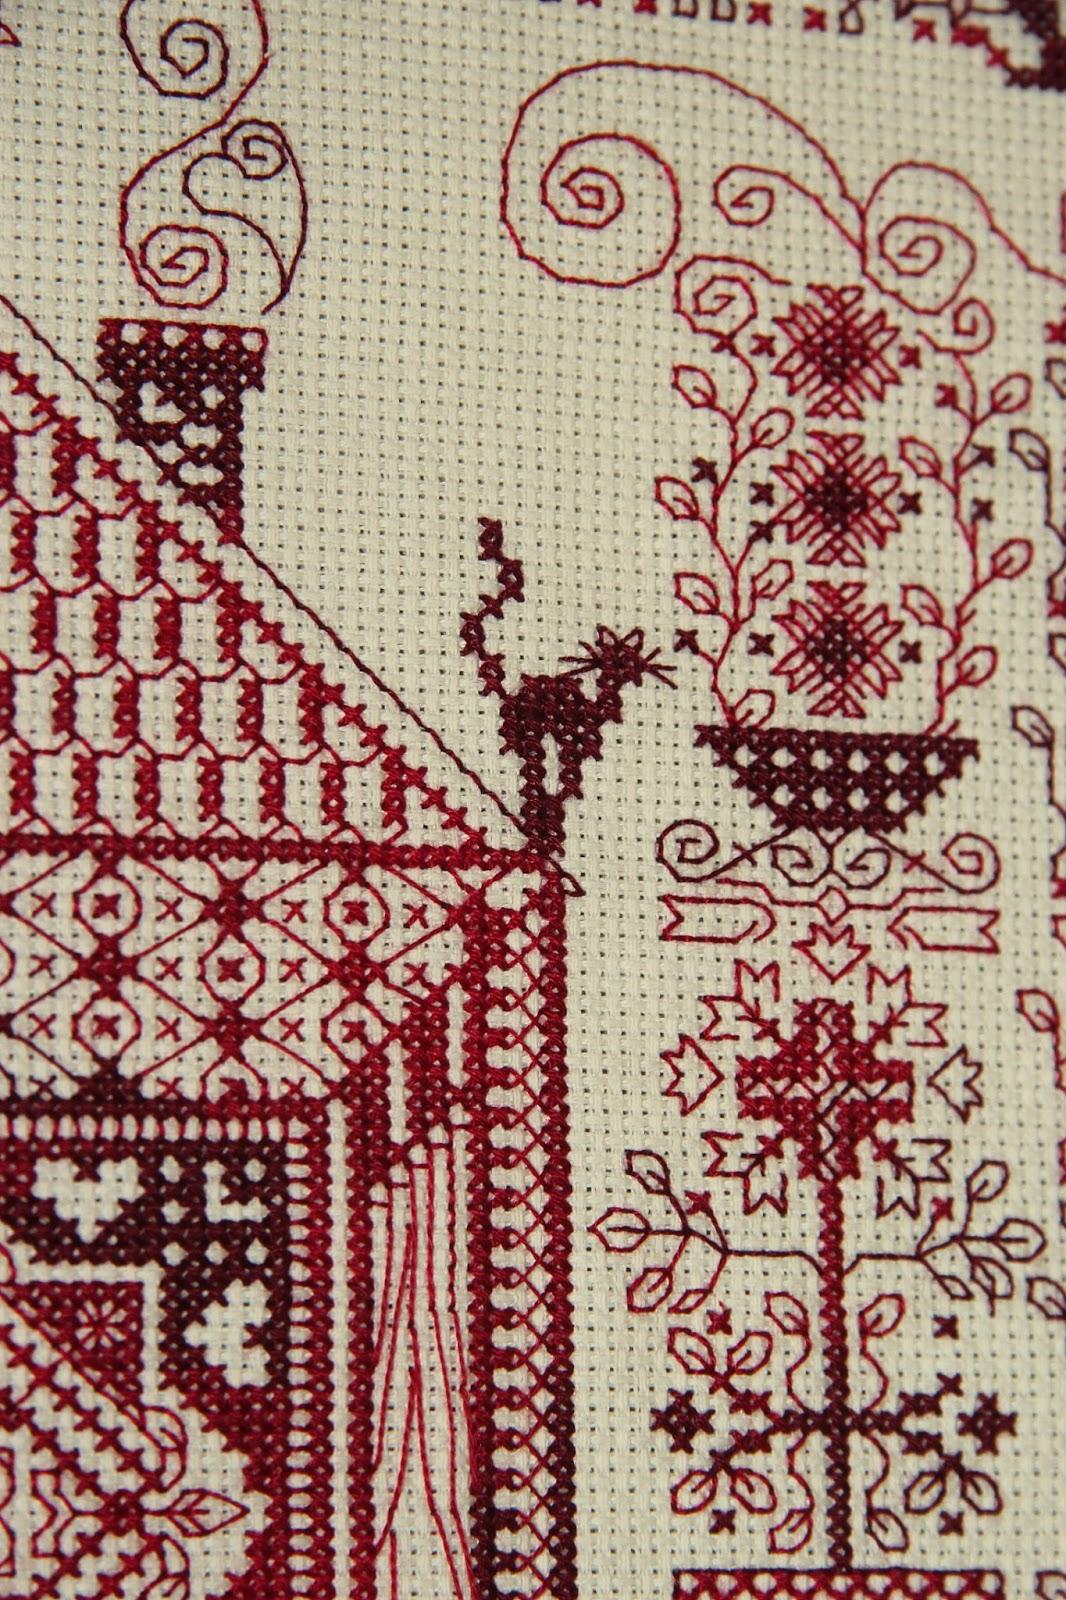 Оберег домашнего очага - Каталог схем для вышивки крестом 93